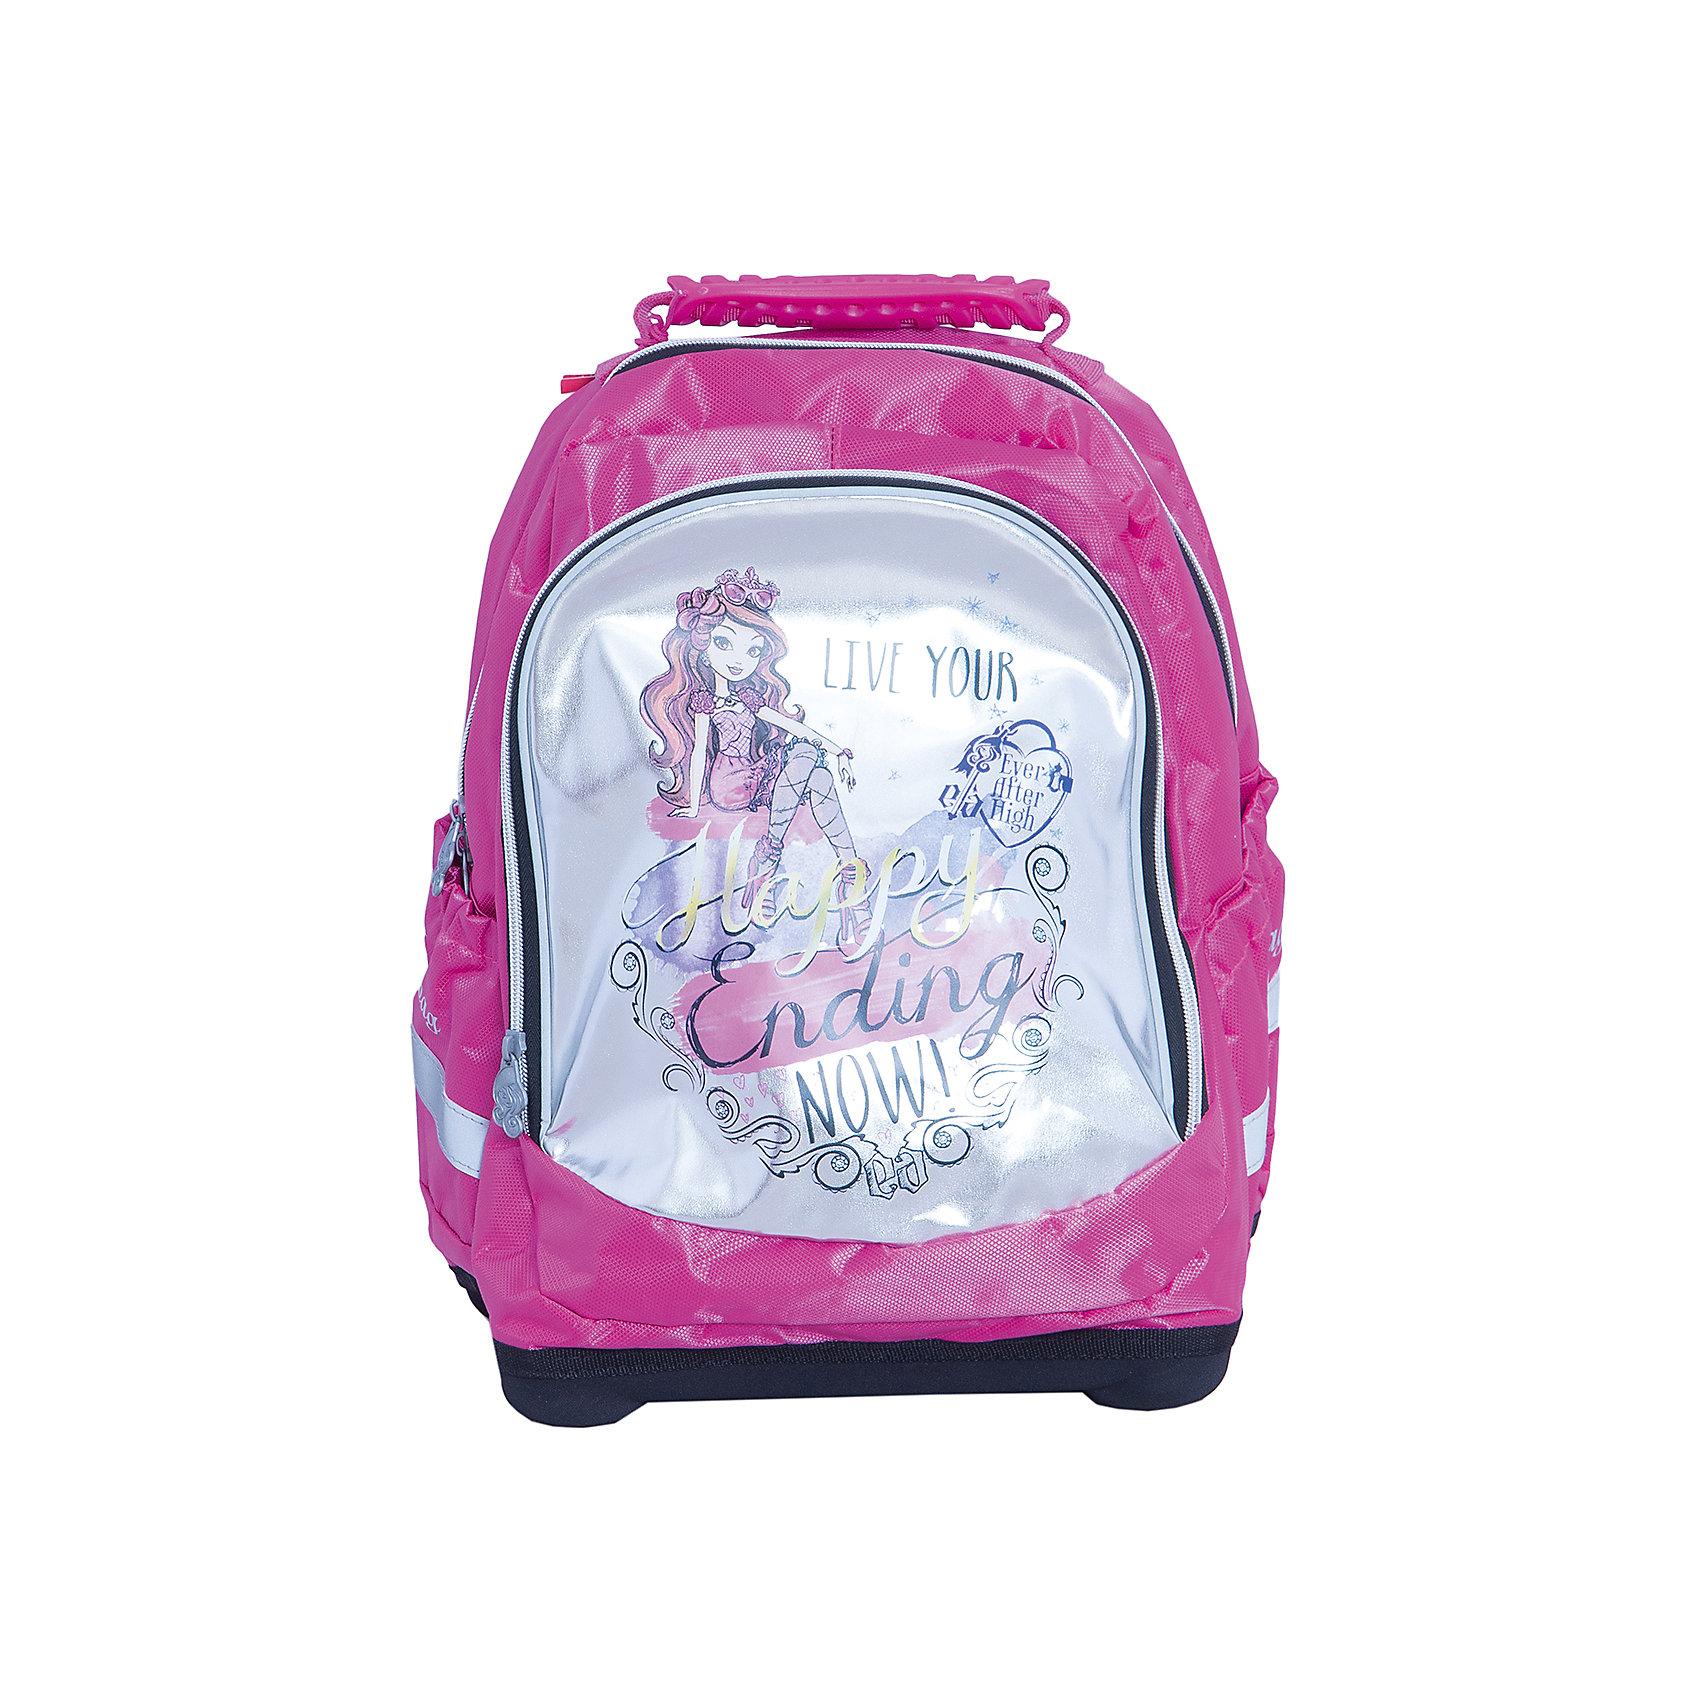 Ортопедический рюкзак Nice bag, Ever After HighEver After High Товары для фанатов<br>Ортопедический рюкзак Nice bag, Ever After High (Долго и счастливо) – этот удобный рюкзак станет незаменимым спутником вашего ребенка.<br>Ортопедический рюкзак Nice bag, Ever After High (Долго и счастливо) - это более мягкий, по сравнению с ранцем, эргономичный текстильный школьный рюкзак, обладающий оригинальным дизайном и большой вместительностью. Благодаря уплотненной вентилируемой спинке позвоночник ребенка не будет испытывать больших нагрузок во время эксплуатации рюкзака. Широкие уплотненные регулируемые лямки позволяют адаптировать рюкзак к изменению роста ребенка. Рюкзак имеет два отделения, закрывающиеся на застежки-молнии, боковые карманы. Жесткое дно оборудовано ножками для защиты от загрязнений. Предусмотрена удобная ручка для переноски. Светоотражающие полосы сделают ребенка заметным на проезжей части в темное время суток и в сумерках.<br><br>Дополнительная информация:<br><br>- Размер упаковки: 18х38х31 см.<br>- Вес в упаковке: 750 гр.<br><br>Ортопедический рюкзак Nice bag, Ever After High (Долго и счастливо) можно купить в нашем интернет-магазине.<br><br>Ширина мм: 180<br>Глубина мм: 380<br>Высота мм: 310<br>Вес г: 750<br>Возраст от месяцев: 72<br>Возраст до месяцев: 96<br>Пол: Женский<br>Возраст: Детский<br>SKU: 4700023